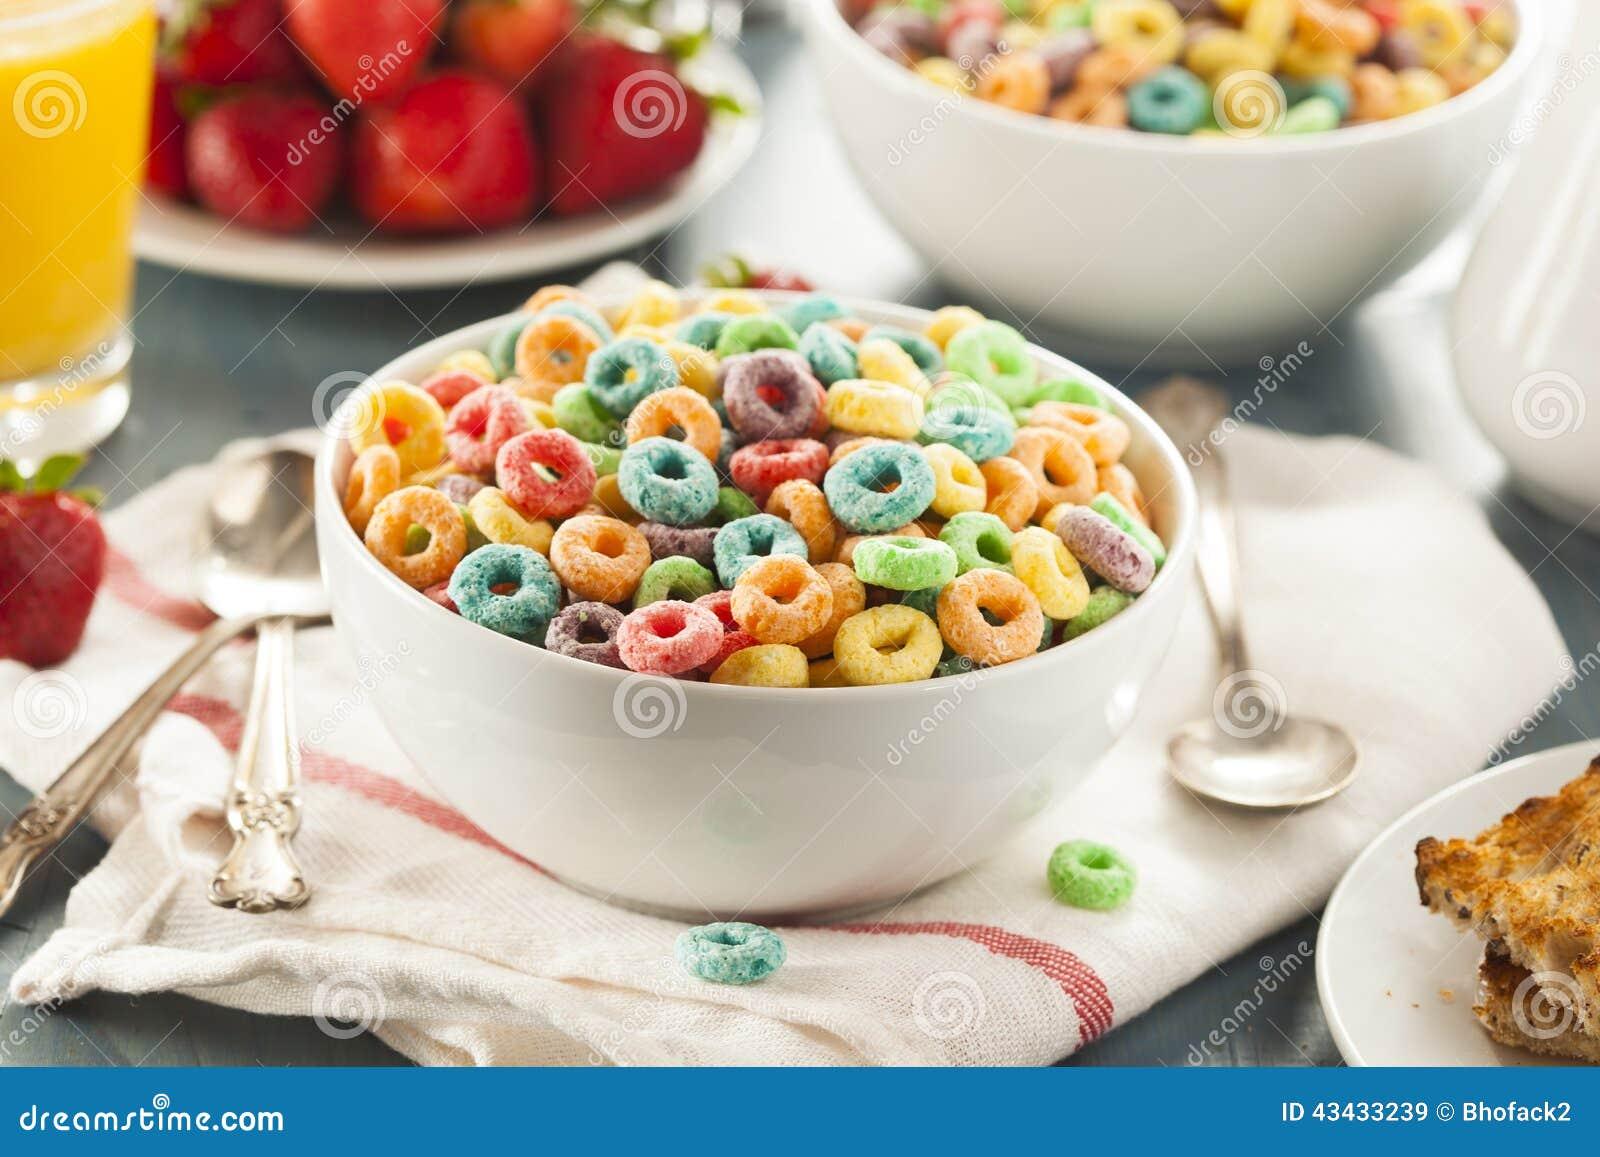 coloful果子在碗的谷物圈.图片